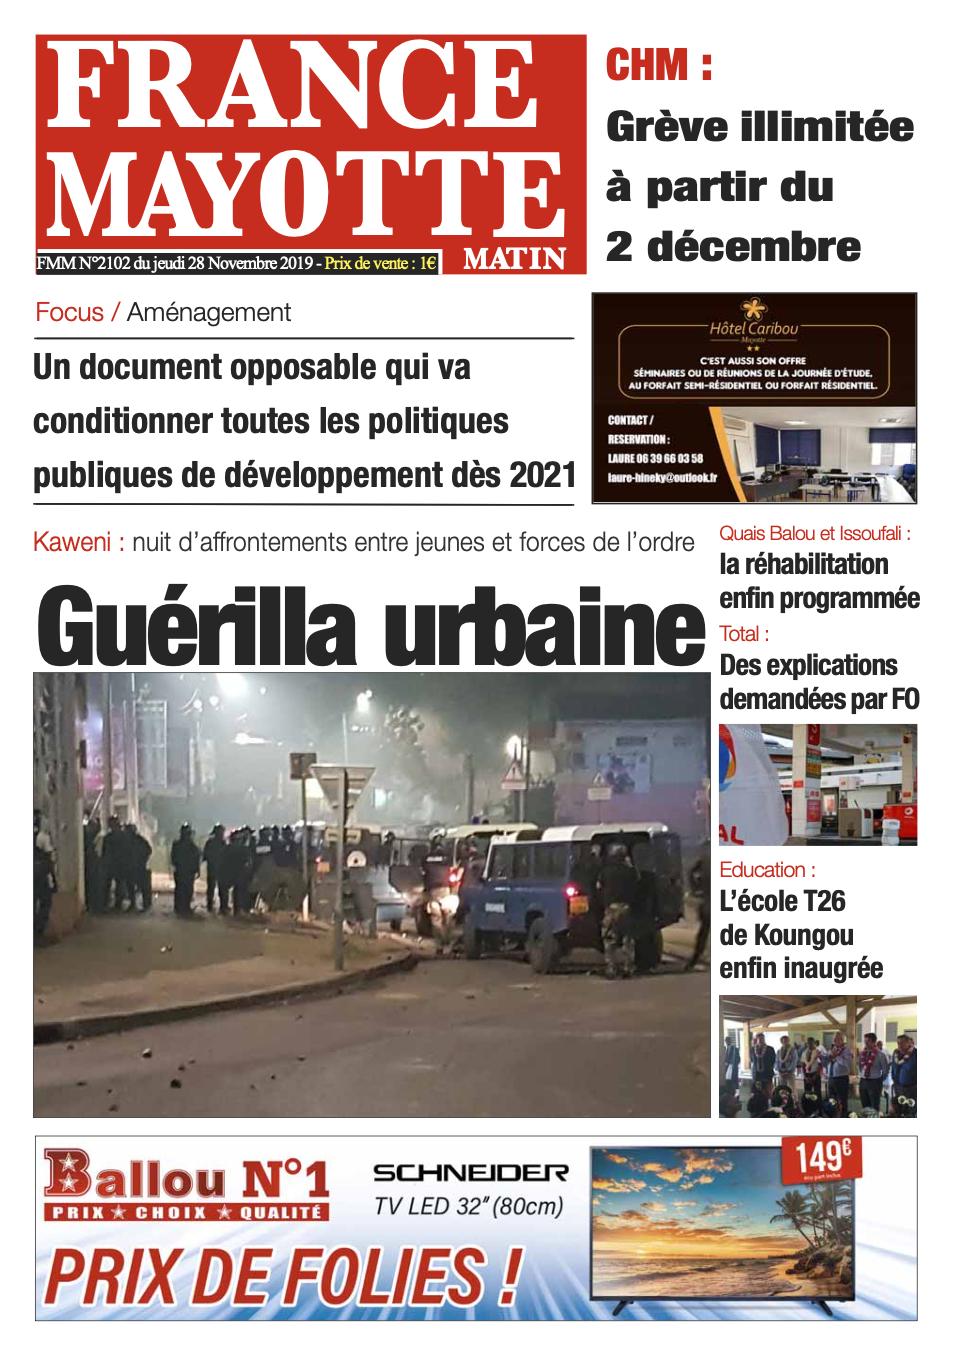 France Mayotte Jeudi 28 novembre 2019